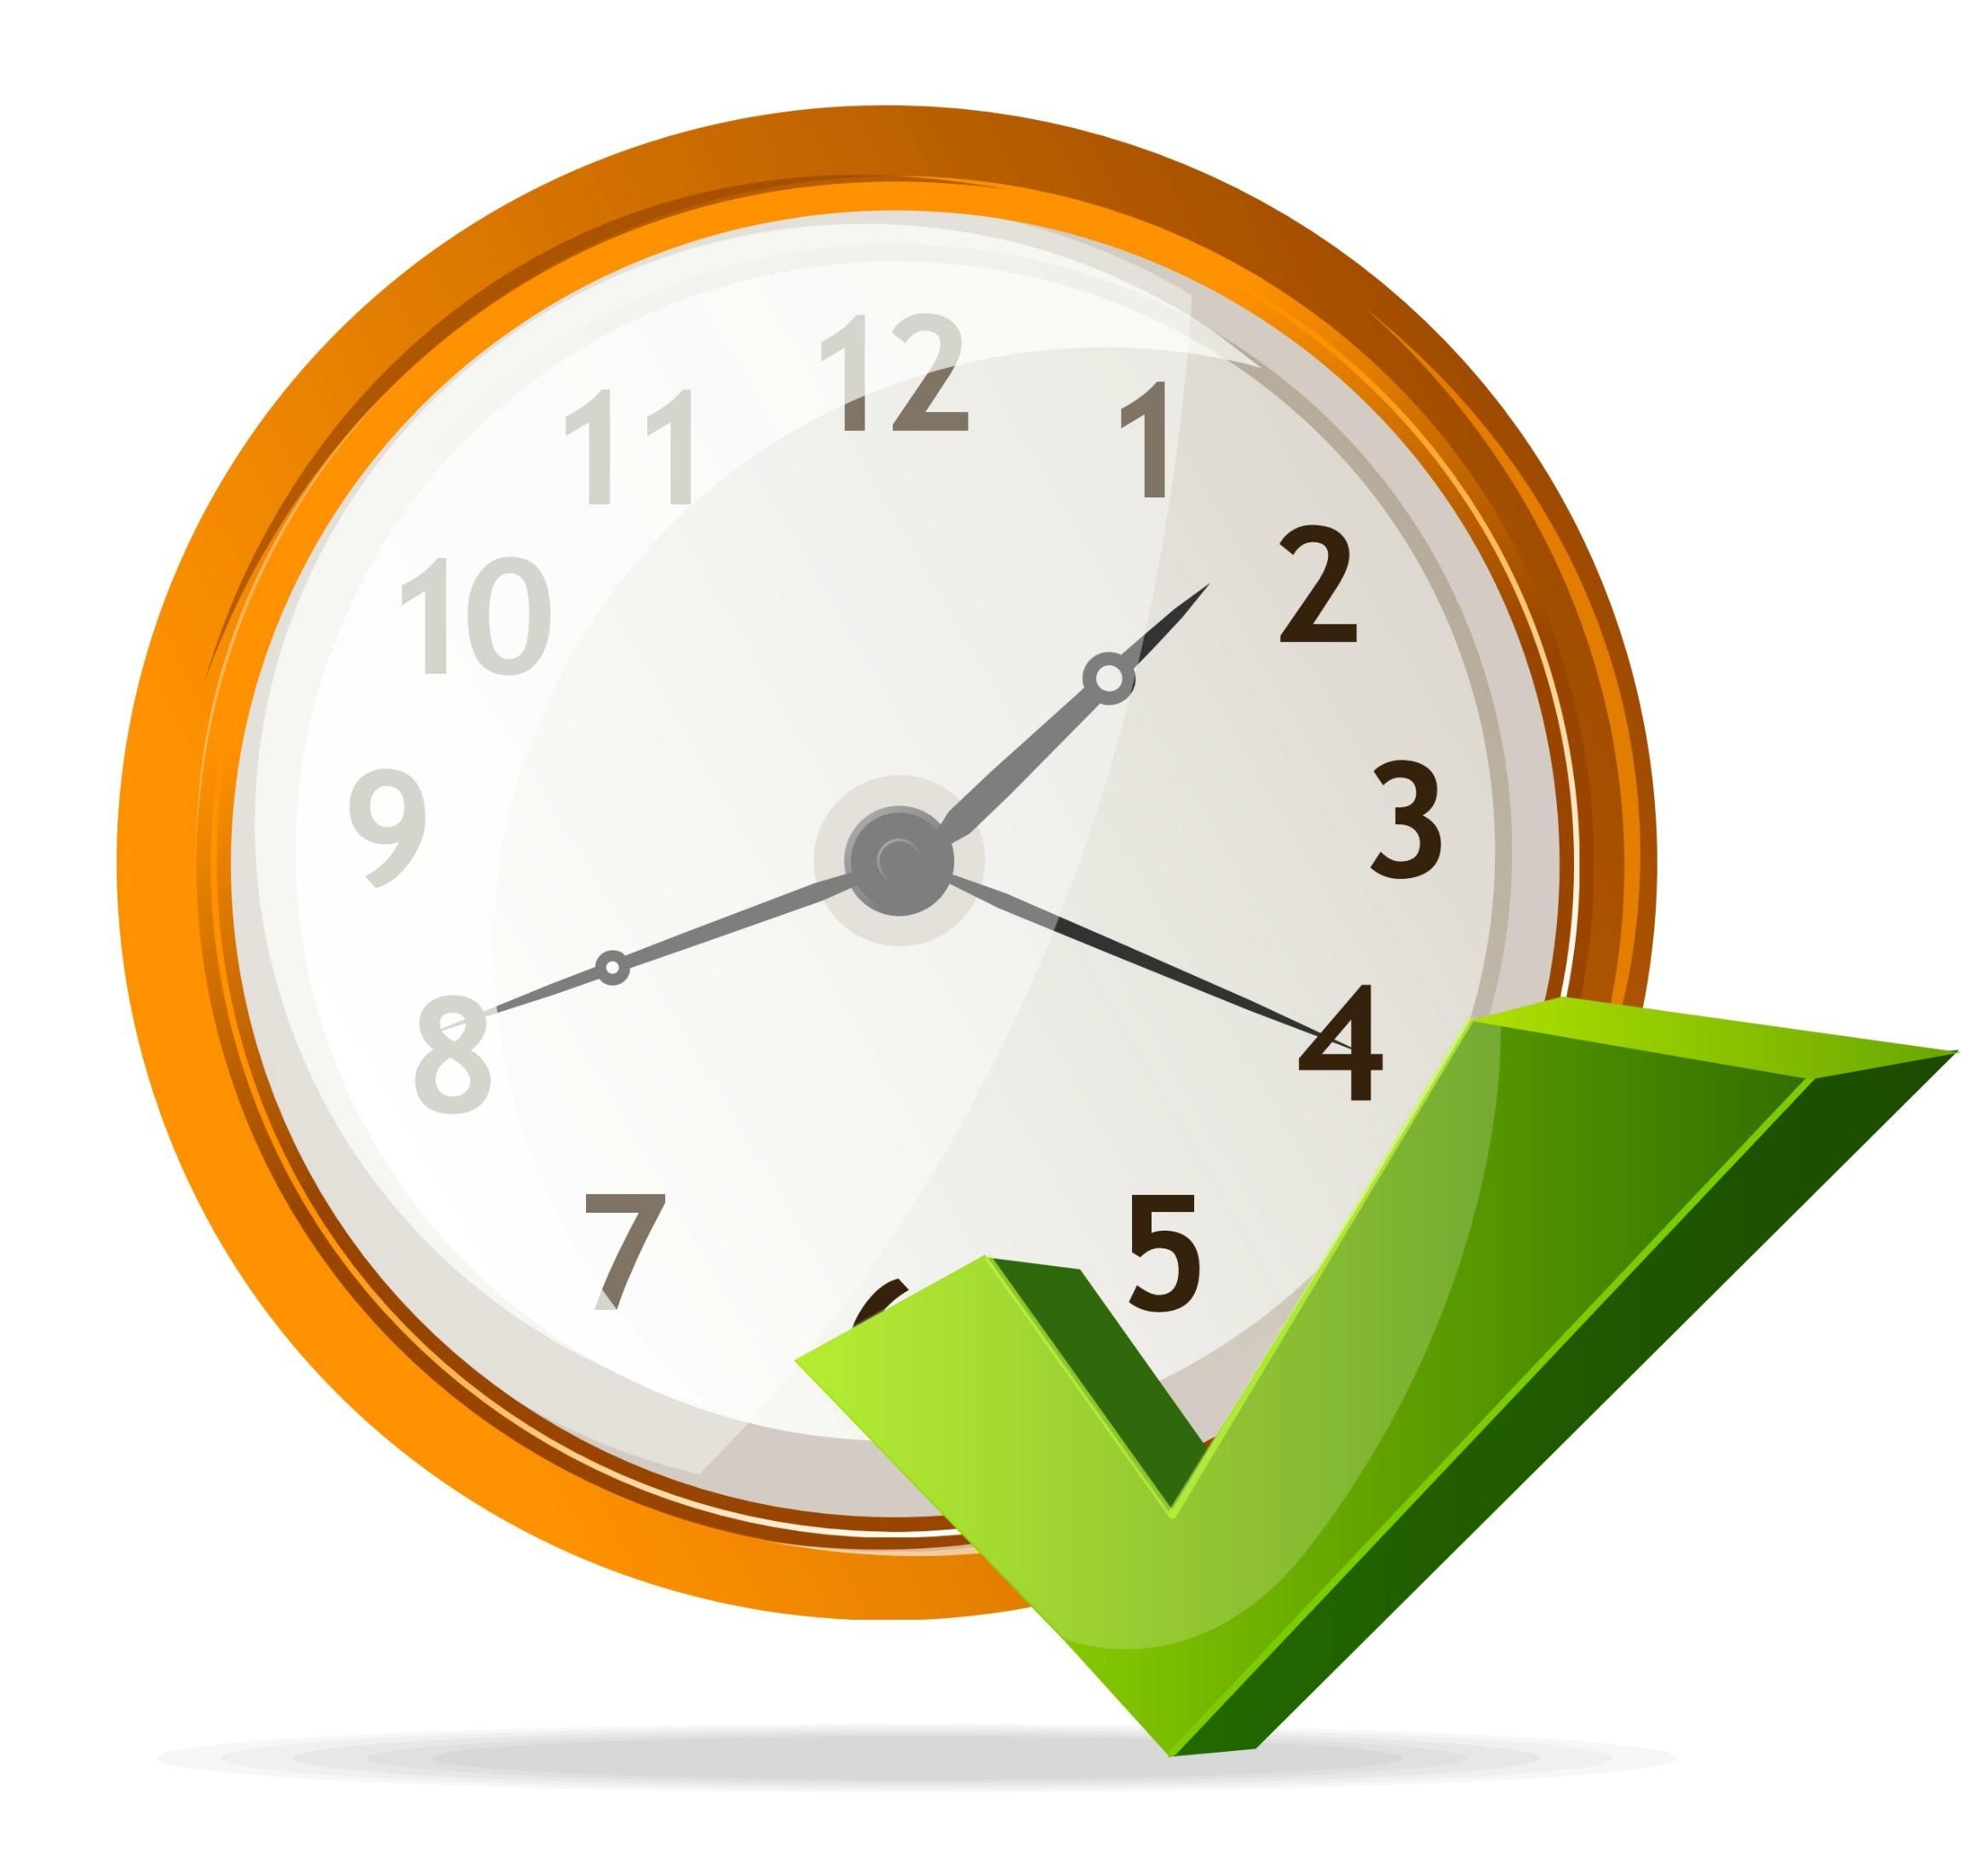 Advantages of time management